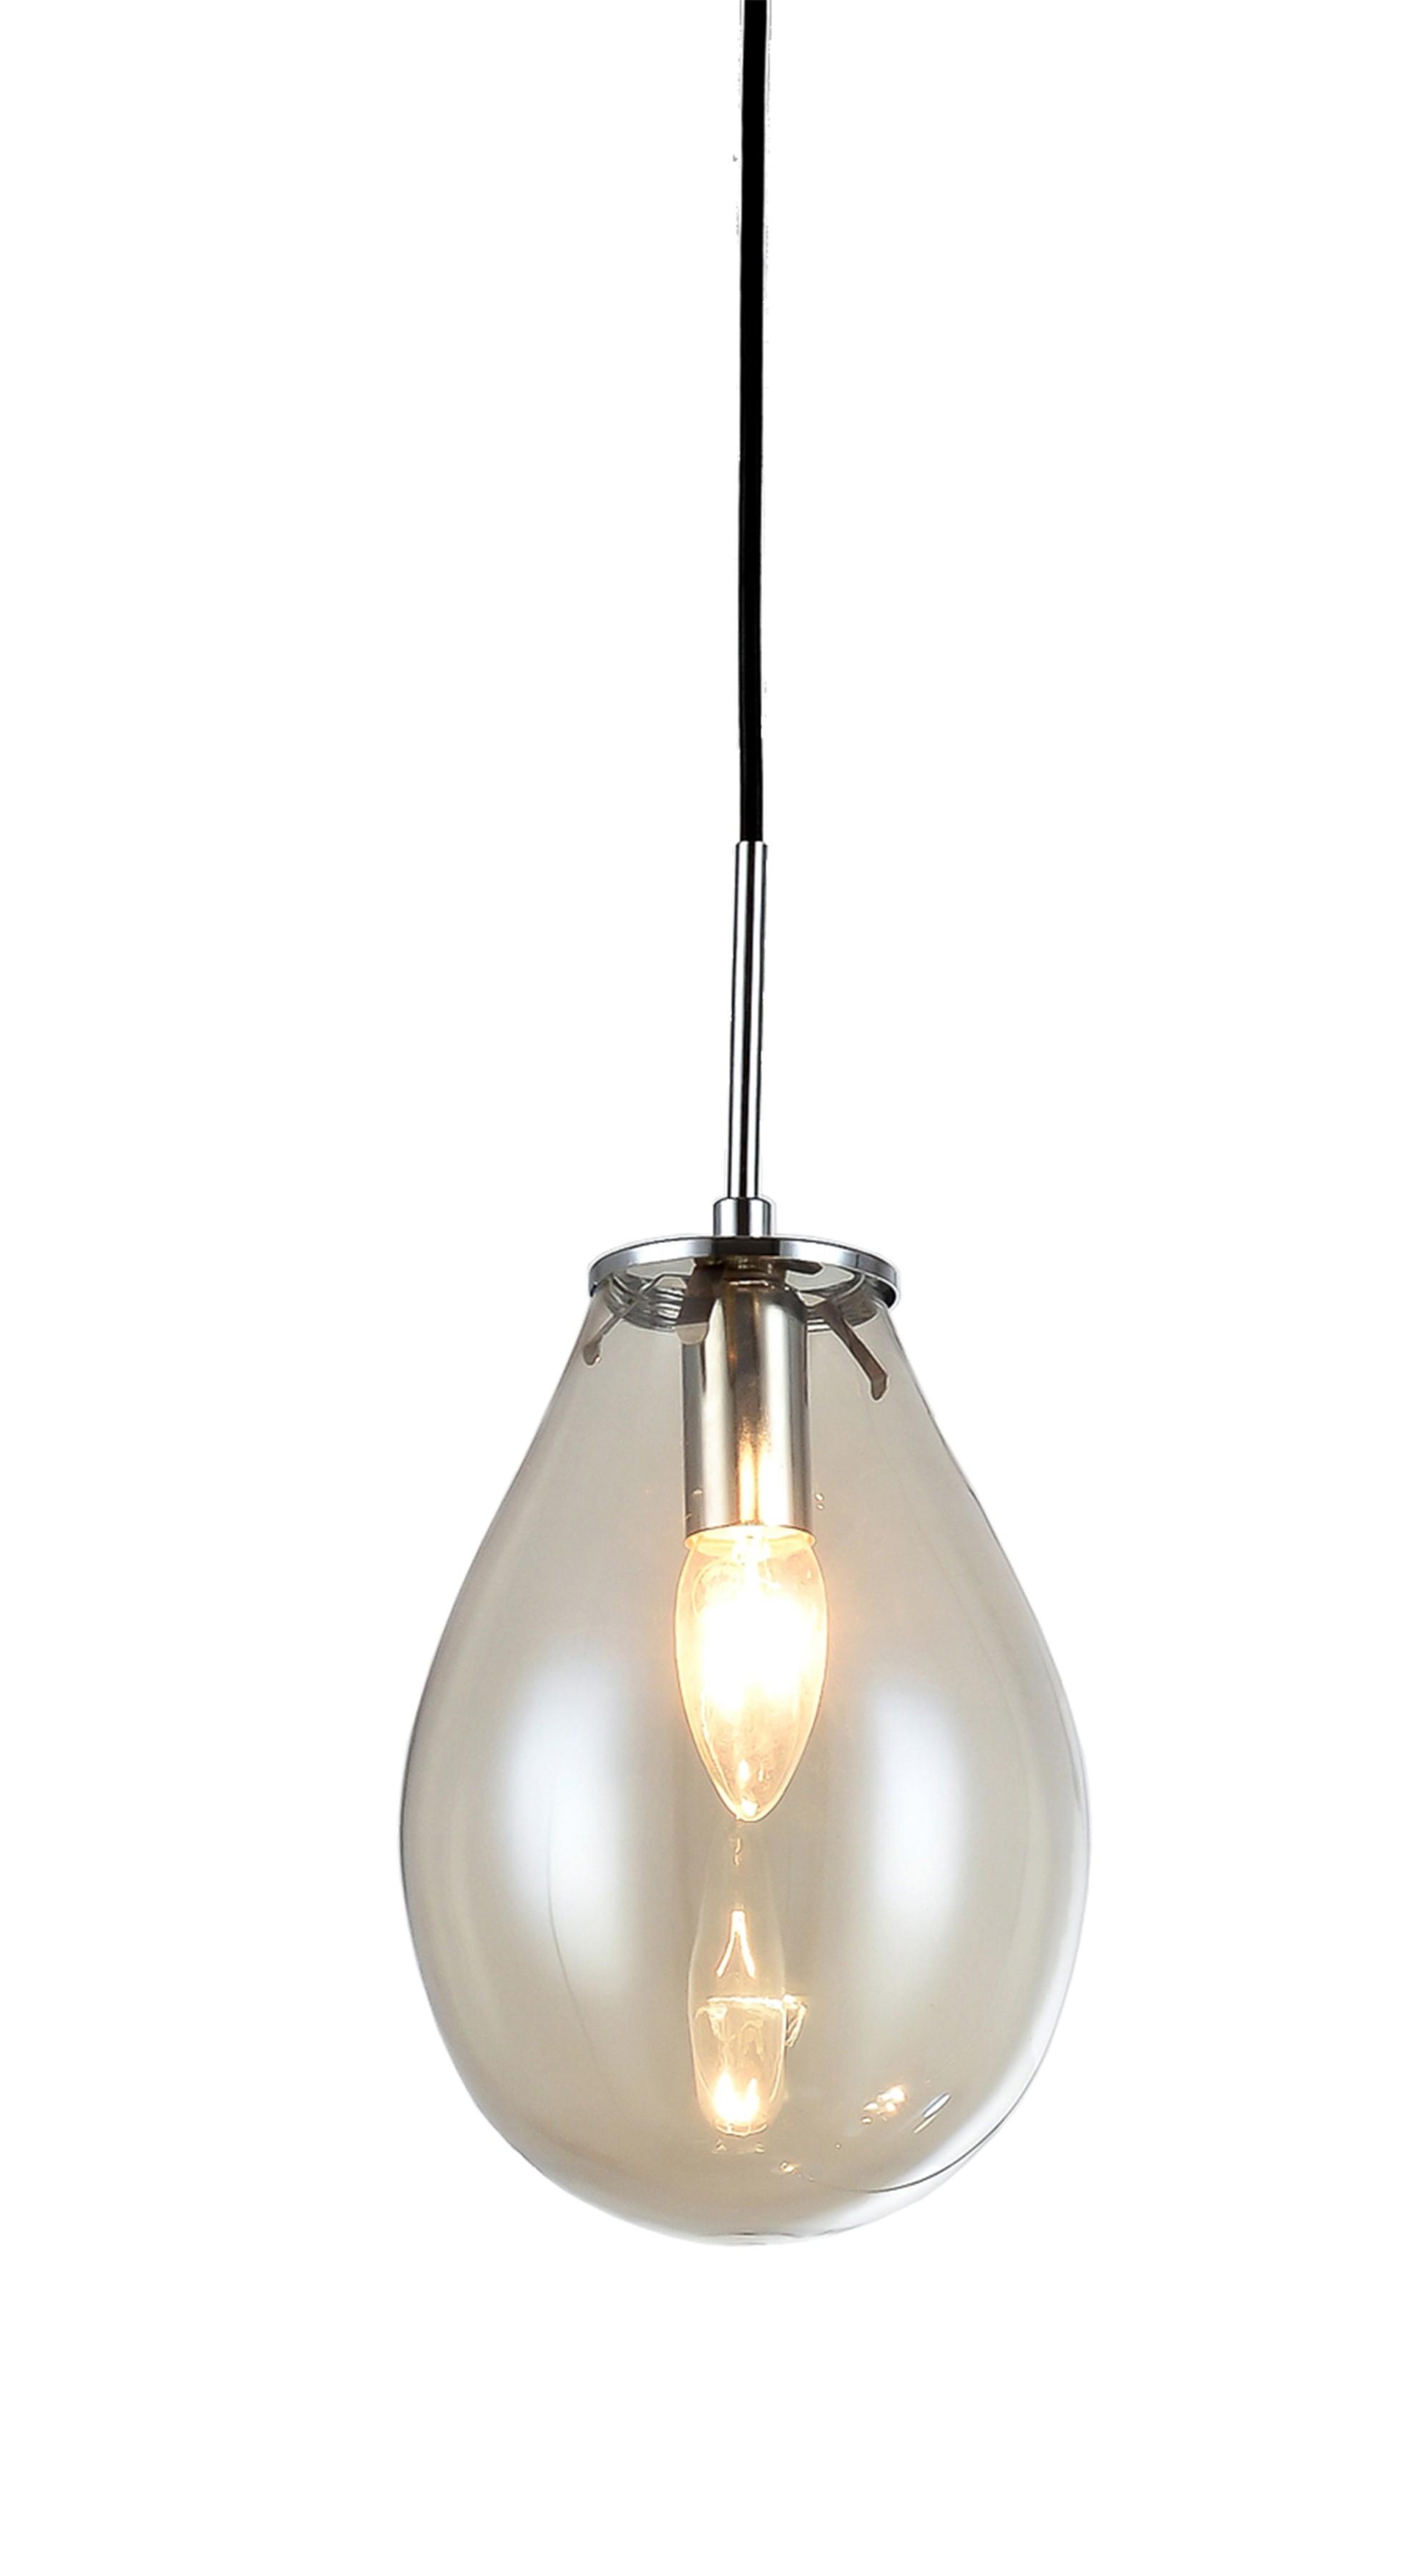 Lampa wisząca Fondi 1 szklana LP-1214/1P - Light Prestige // Rabaty w koszyku i darmowa dostawa od 299zł !